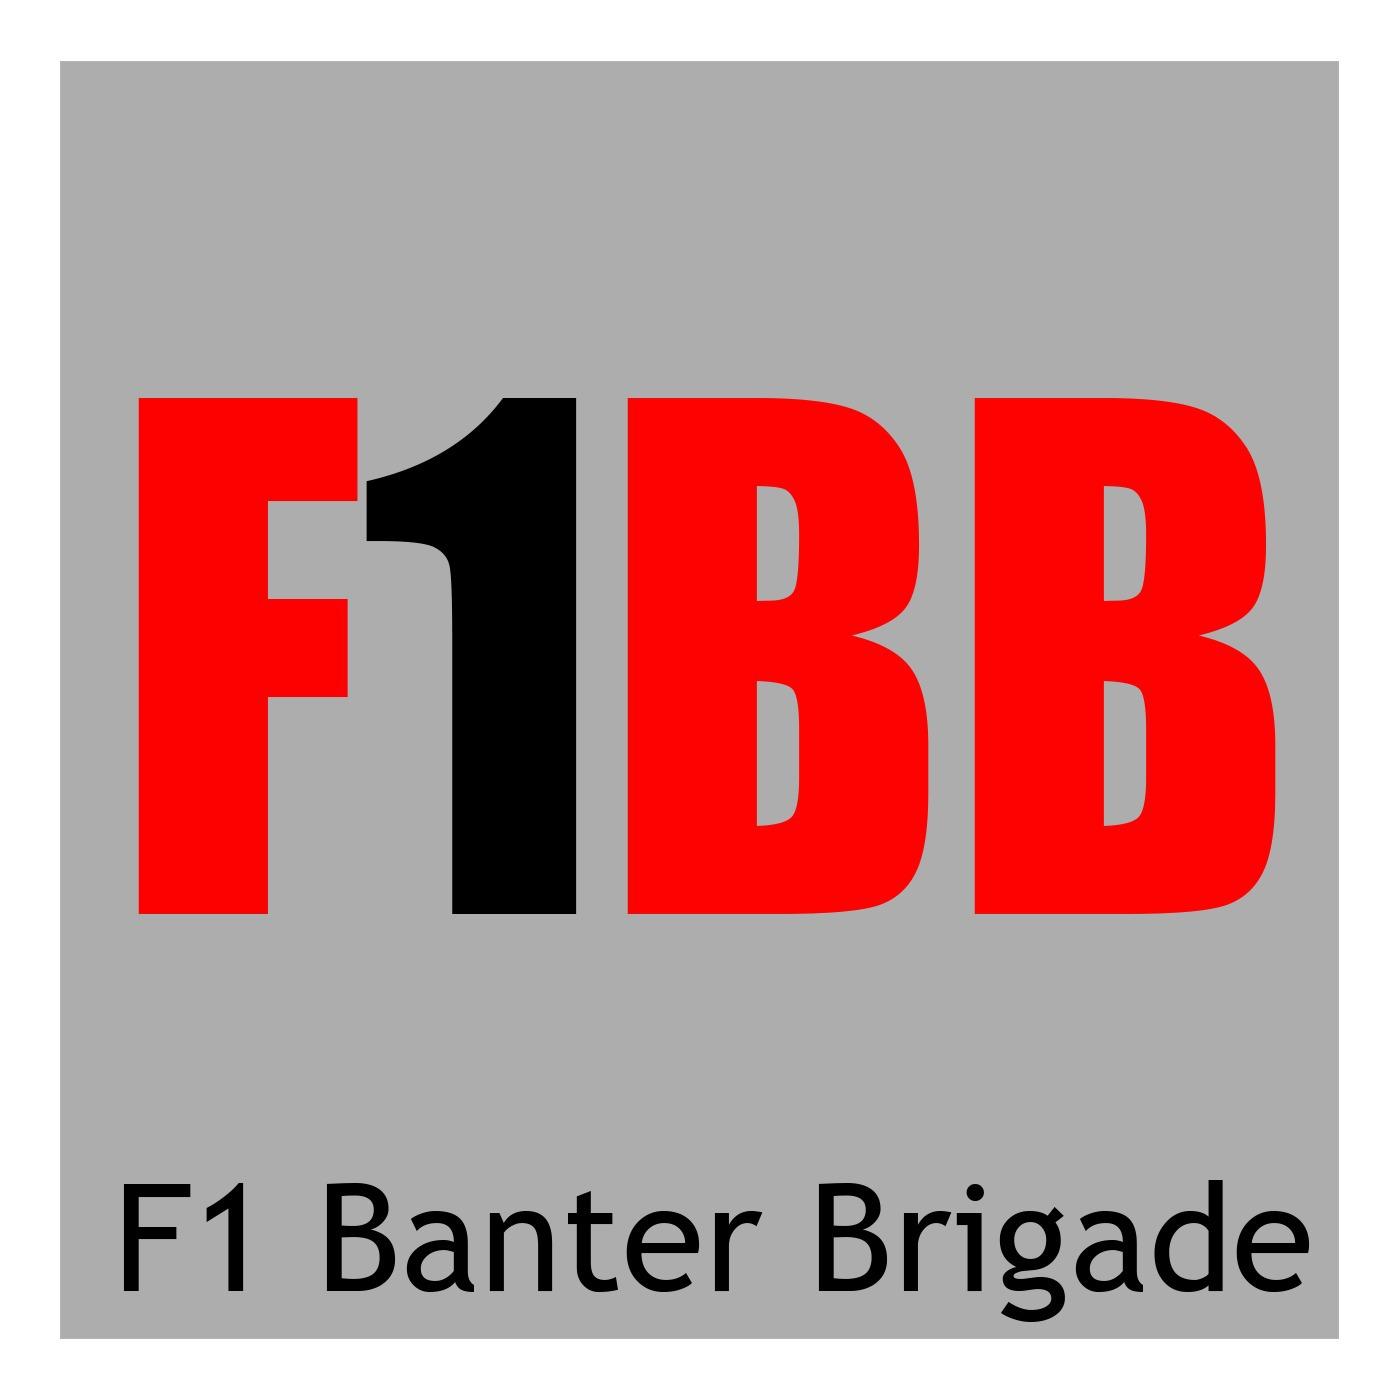 F1 Banter Brigade